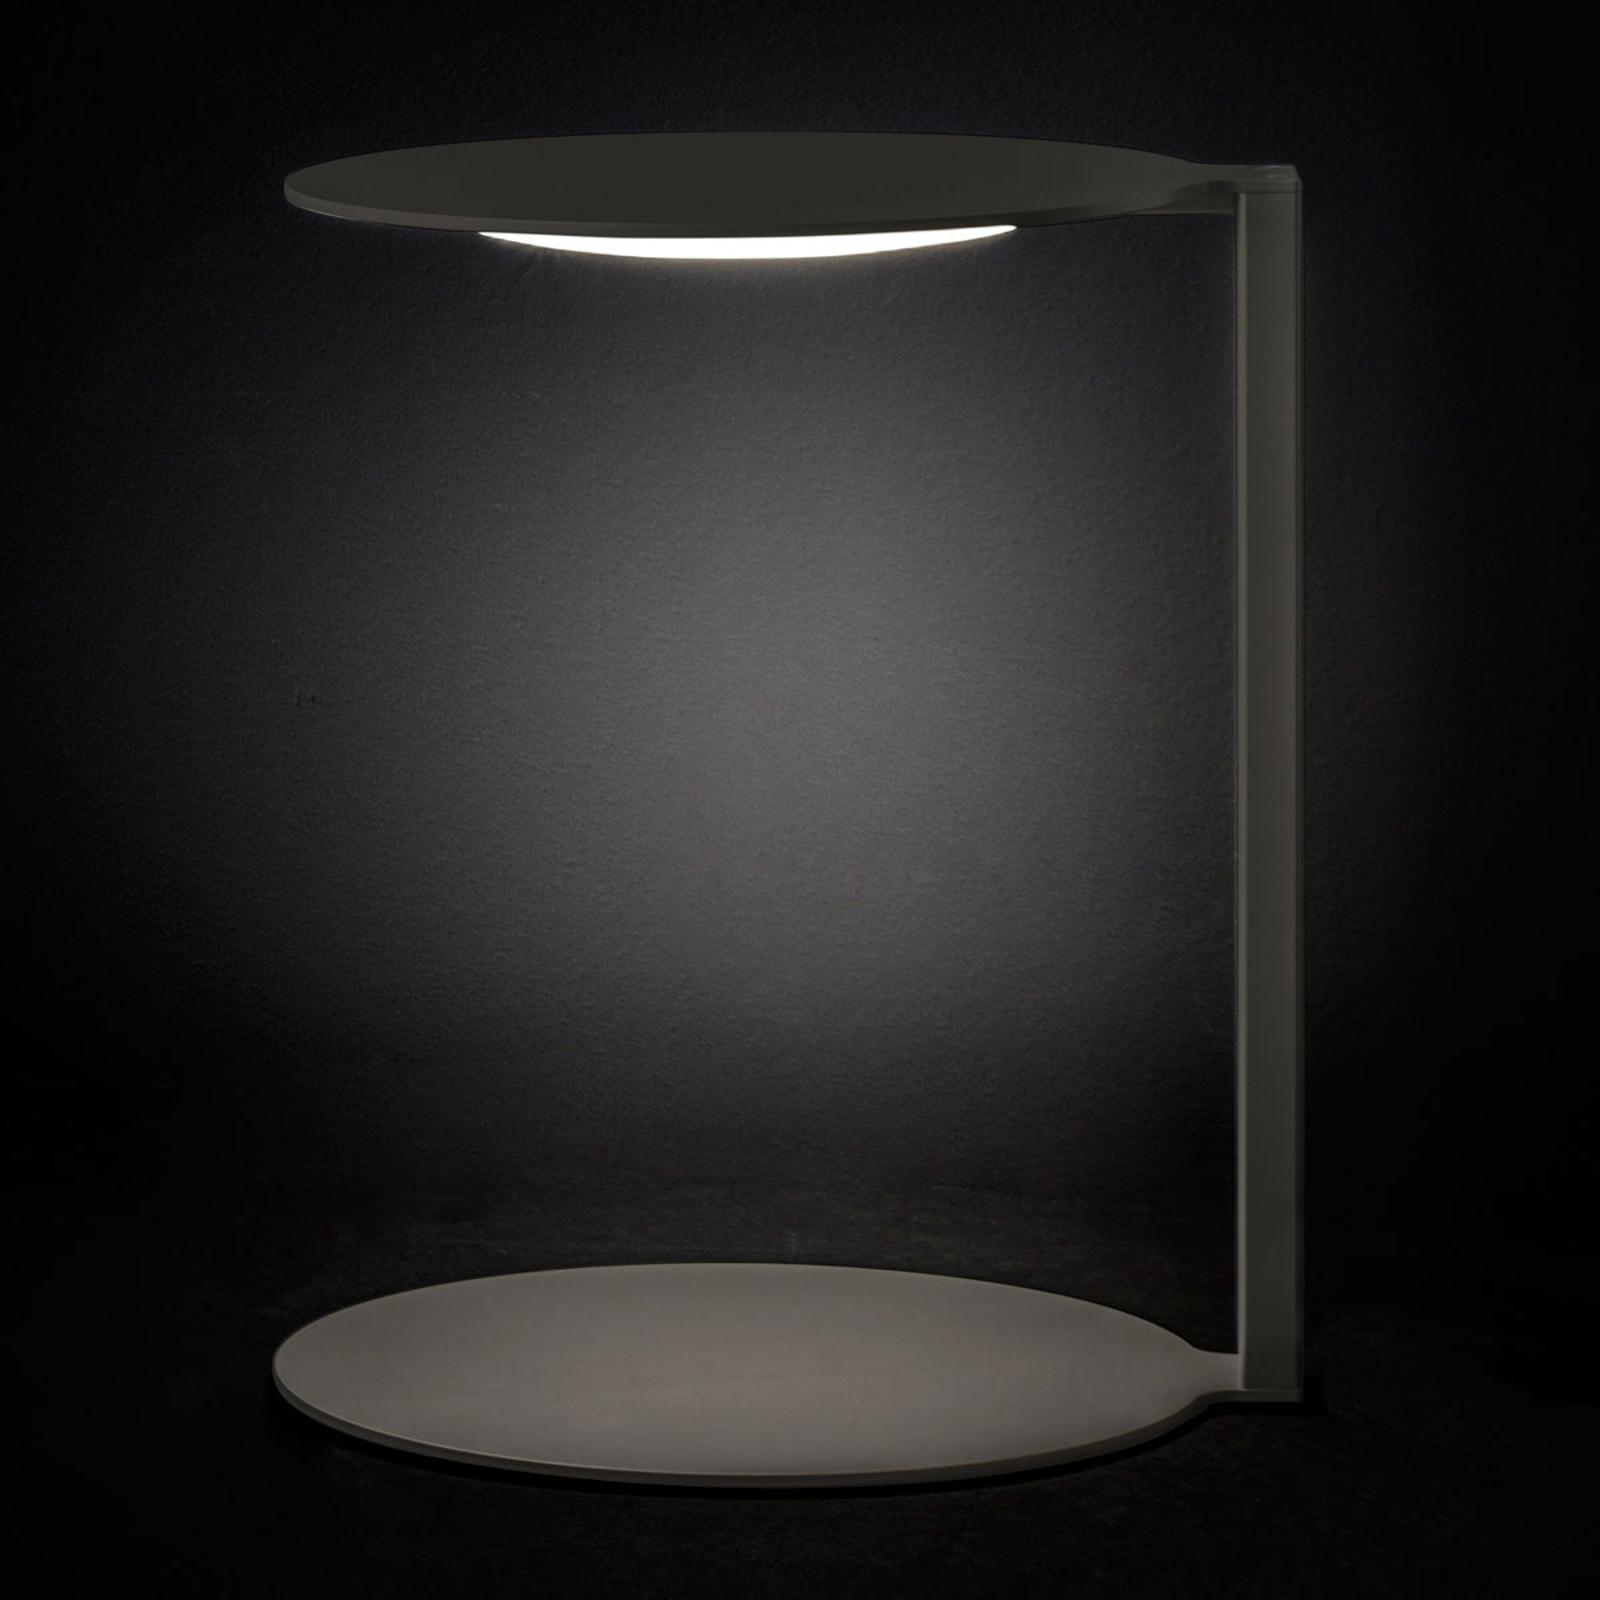 Oluce Duca - donkergrijze LED designer tafellamp